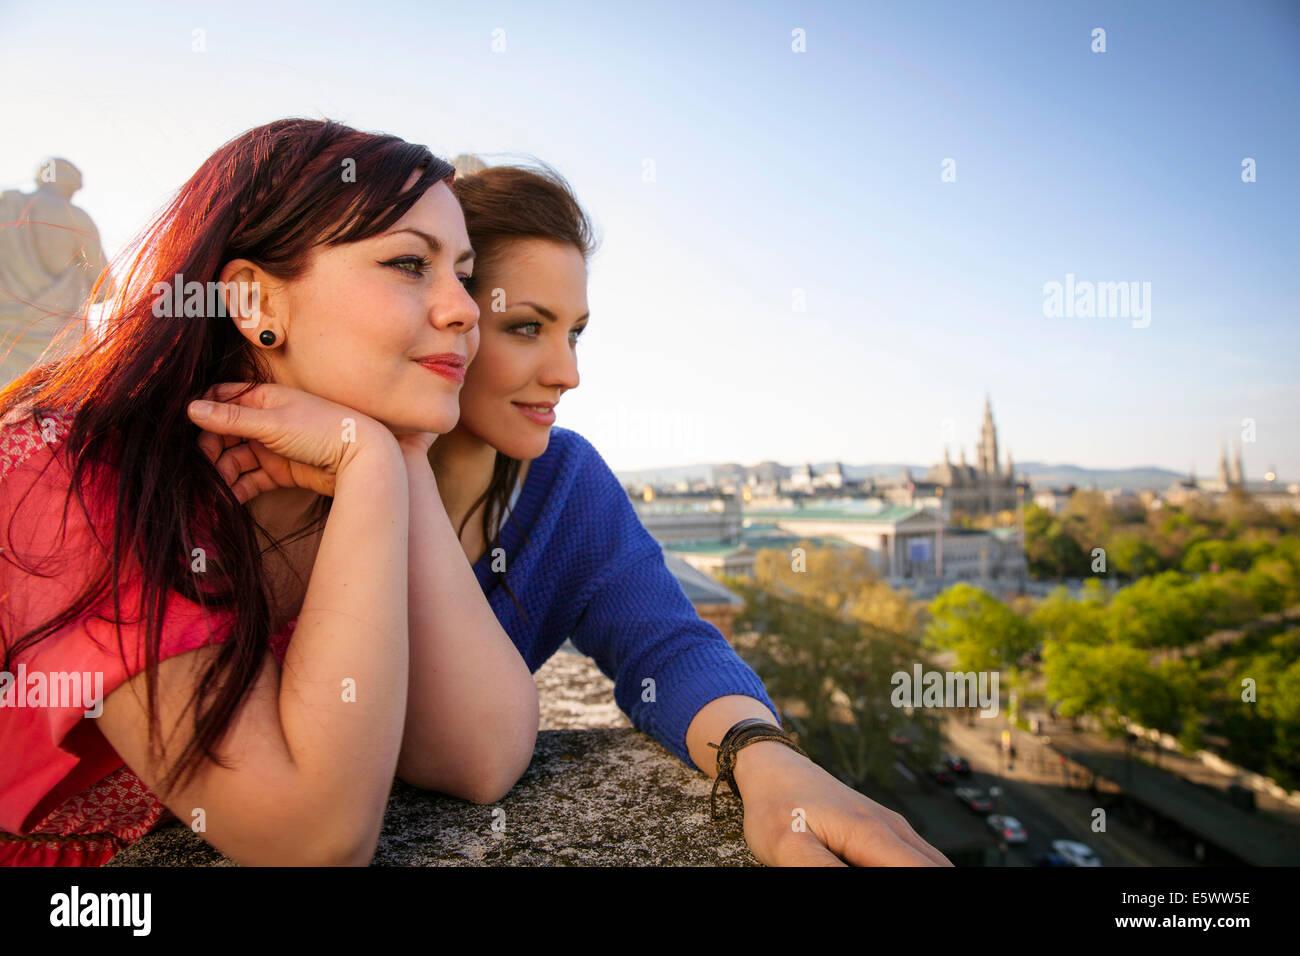 Zwei junge Erwachsene Frauen bewundern die Aussicht, Wien, Österreich Stockbild